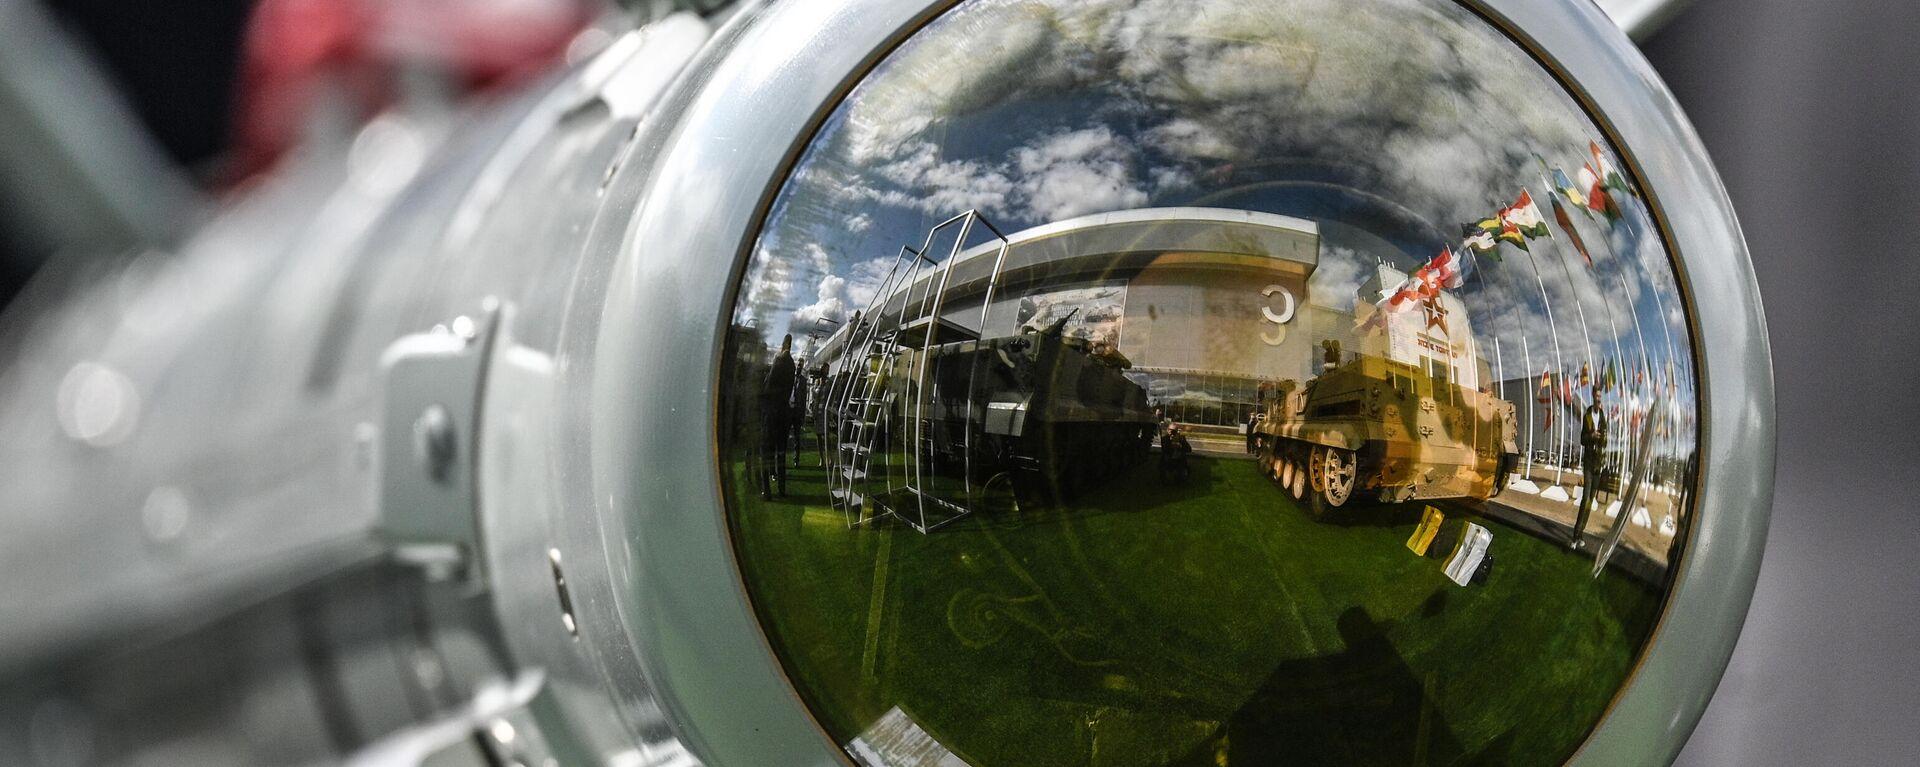 El misil Izdelie 305E - Sputnik Mundo, 1920, 28.08.2021